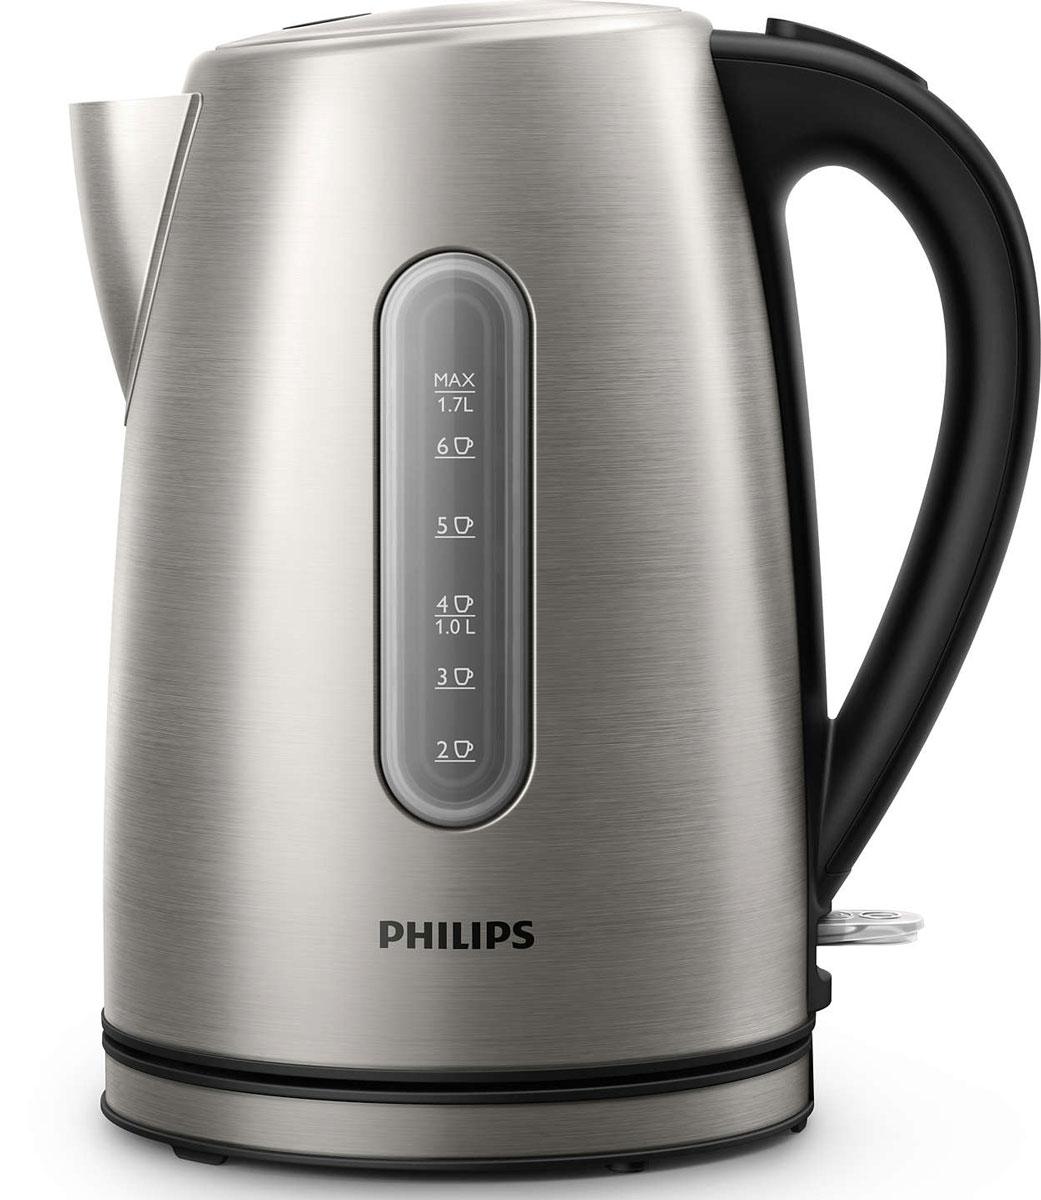 Philips HD9327/10 электрический чайникHD9327/10Надежный чайник Philips HD9327/10 из нержавеющей стали проходит проверку на устойчивость к кипячению 7500 раз, что гарантирует долгий срок службы. Микрофильтр эффективно очищает воду, а плоский и удобный для очистки нагревательный элемент обеспечивает быстрое кипячение. Микрофильтр удерживает частицы накипи размером > 400 микрон Крышка из нержавеющей стали на пружине легко открывается при нажатии кнопки Элегантная подсветка кнопки включения/выключения уведомляет о процессе нагрева воды Встроенный нагревательный элемент из нержавеющей стали обеспечивает быстрое кипячение и простую чистку